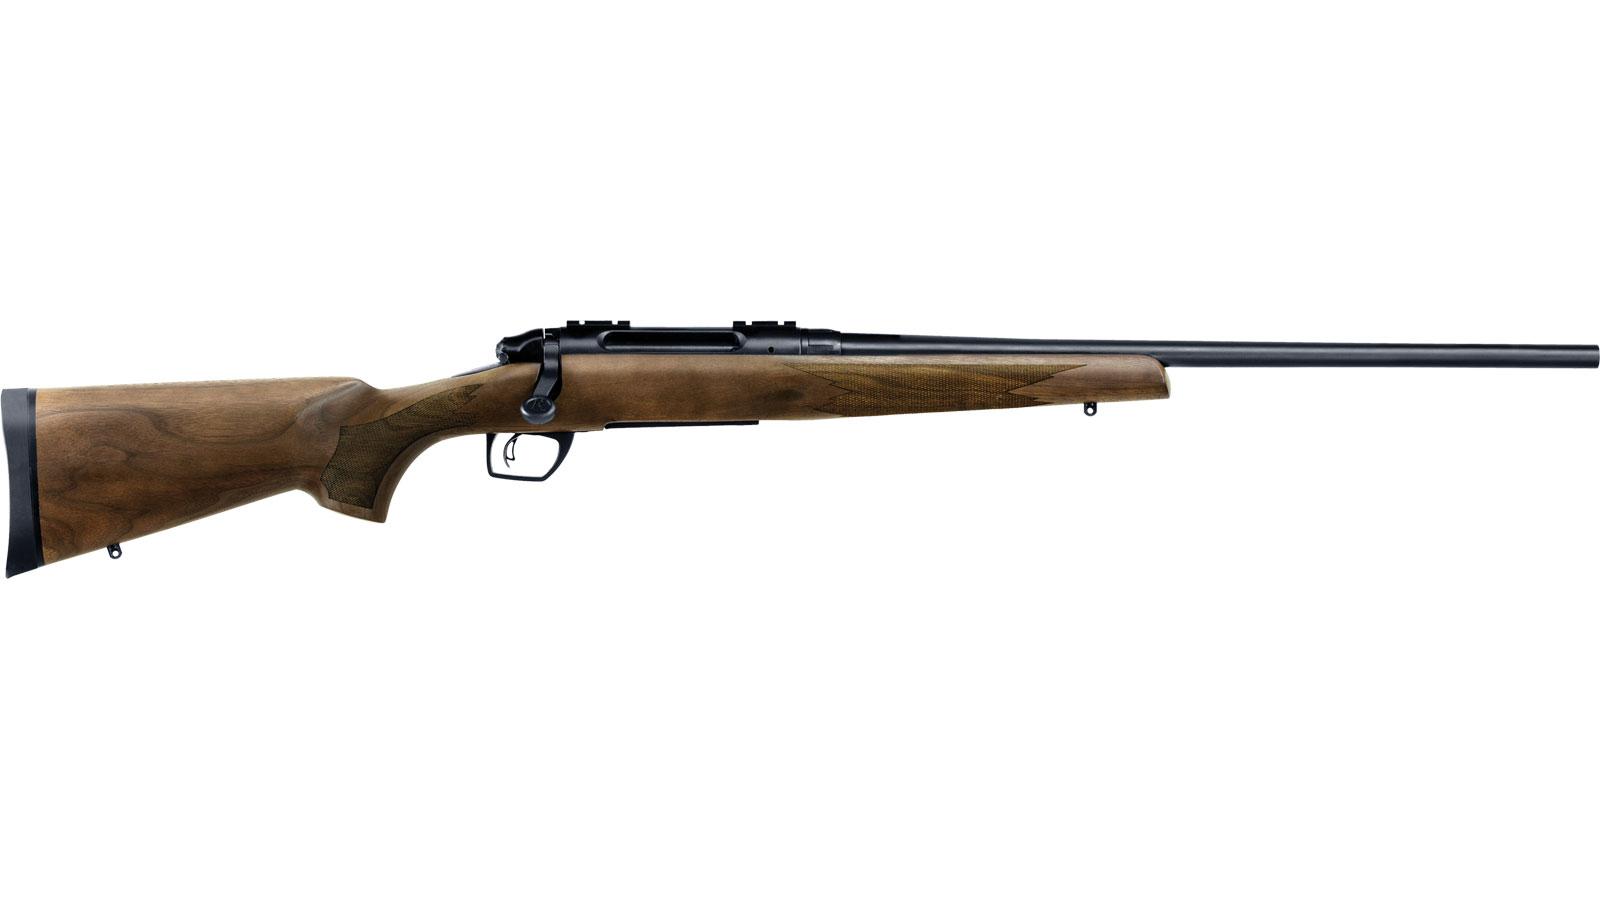 Remington Firearms 85874 783 Walnut Bolt 308 Winchester|7.62 NATO 22 4+1 American Walnut Stk Blued in.